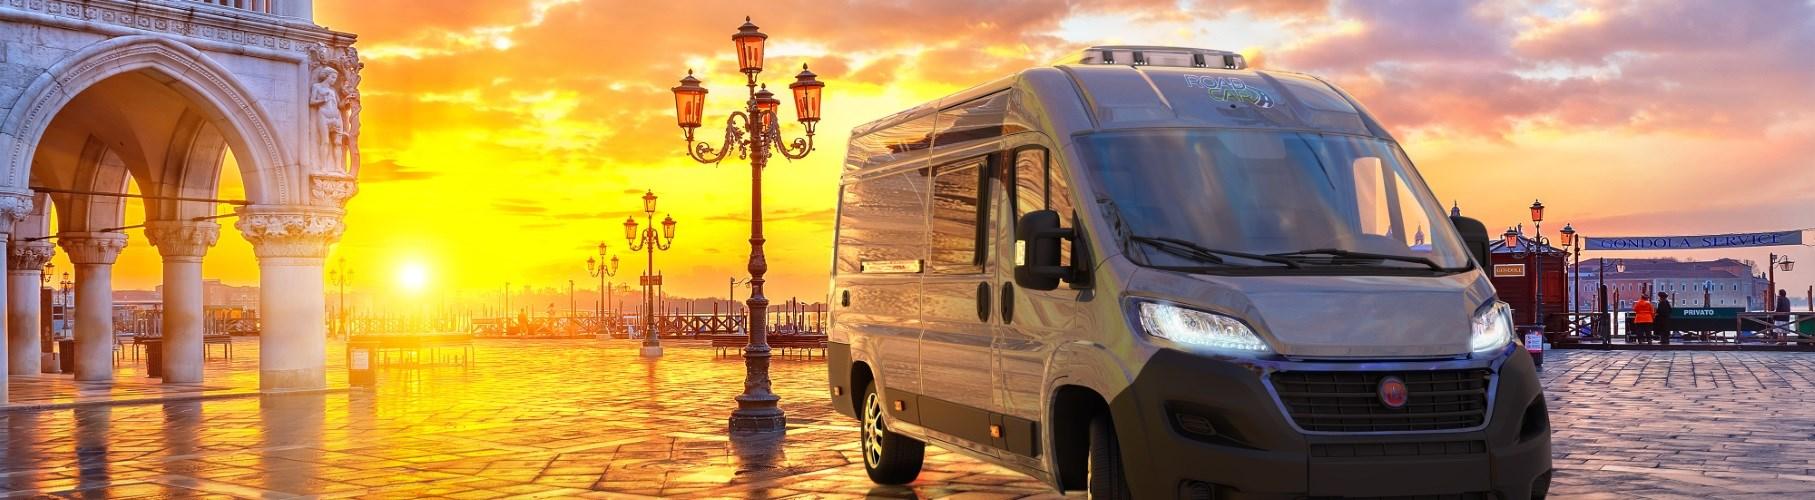 Roadcar v Benátkach